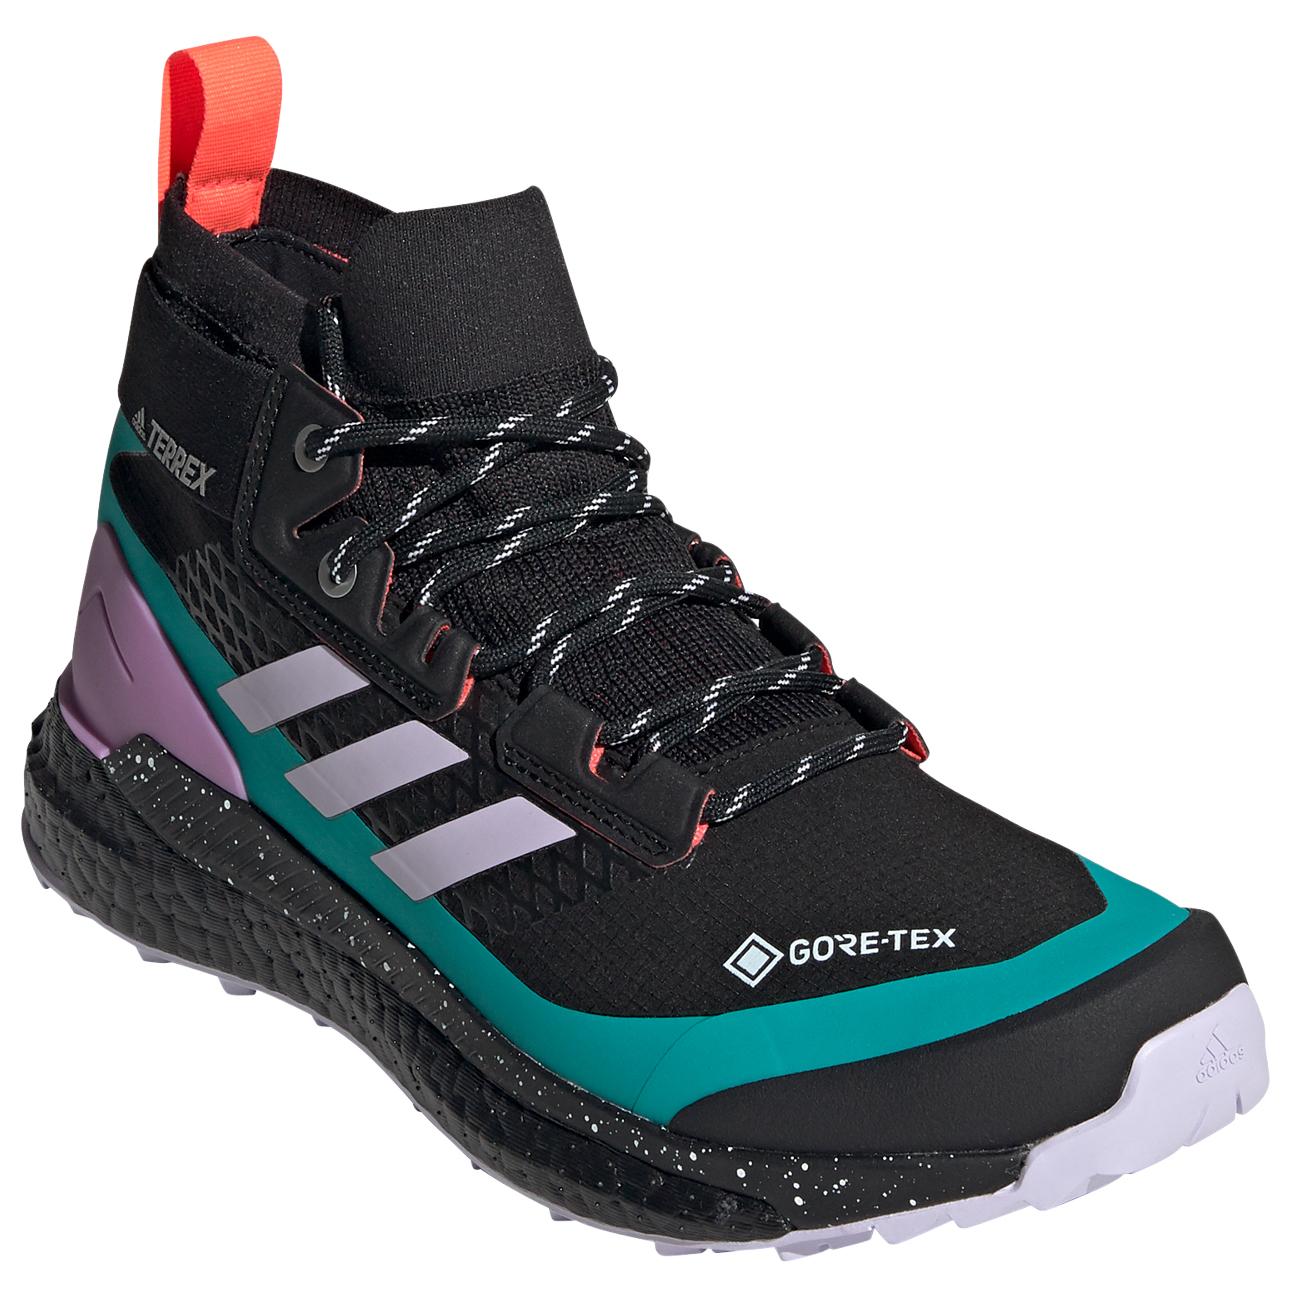 perturbación frío Prefacio  Adidas Terrex Free Hiker GTX - Walking boots Women's | Free EU Delivery |  Bergfreunde.eu